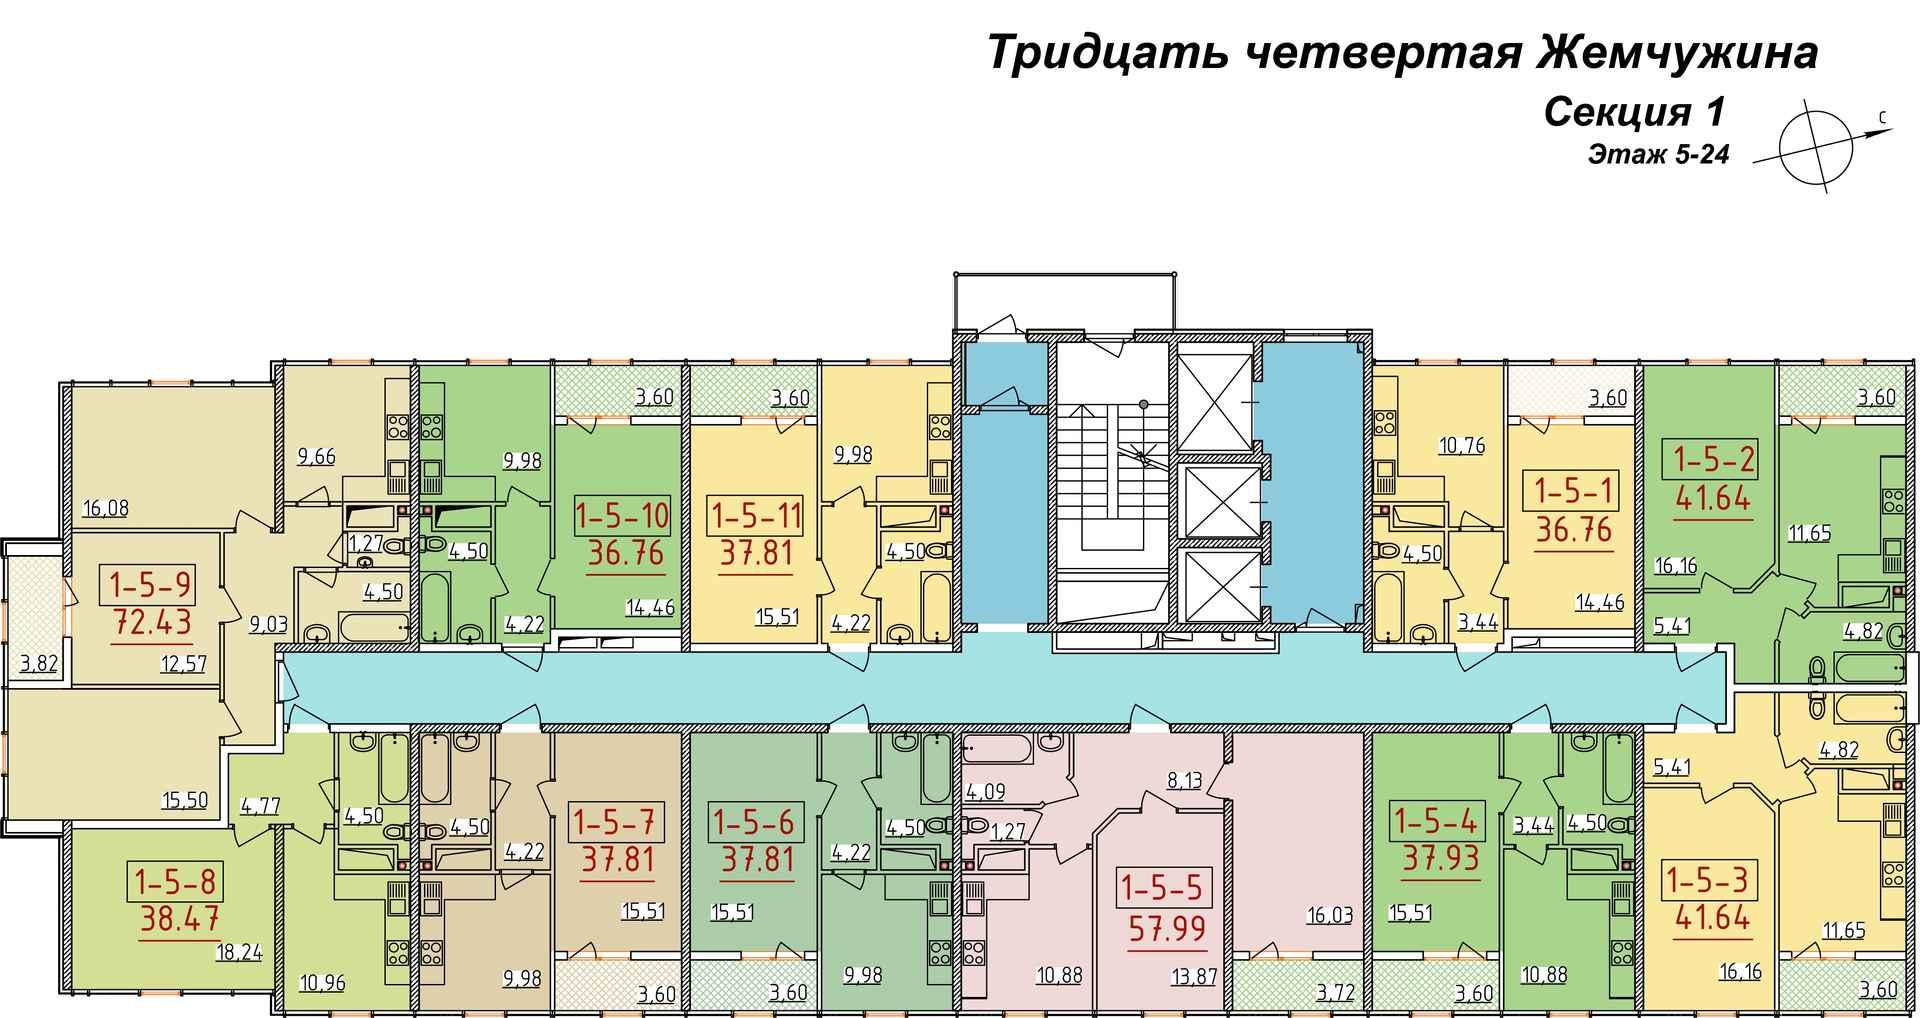 34 Жемчужина Планировка этажа Секция 1 Этаж 5-24